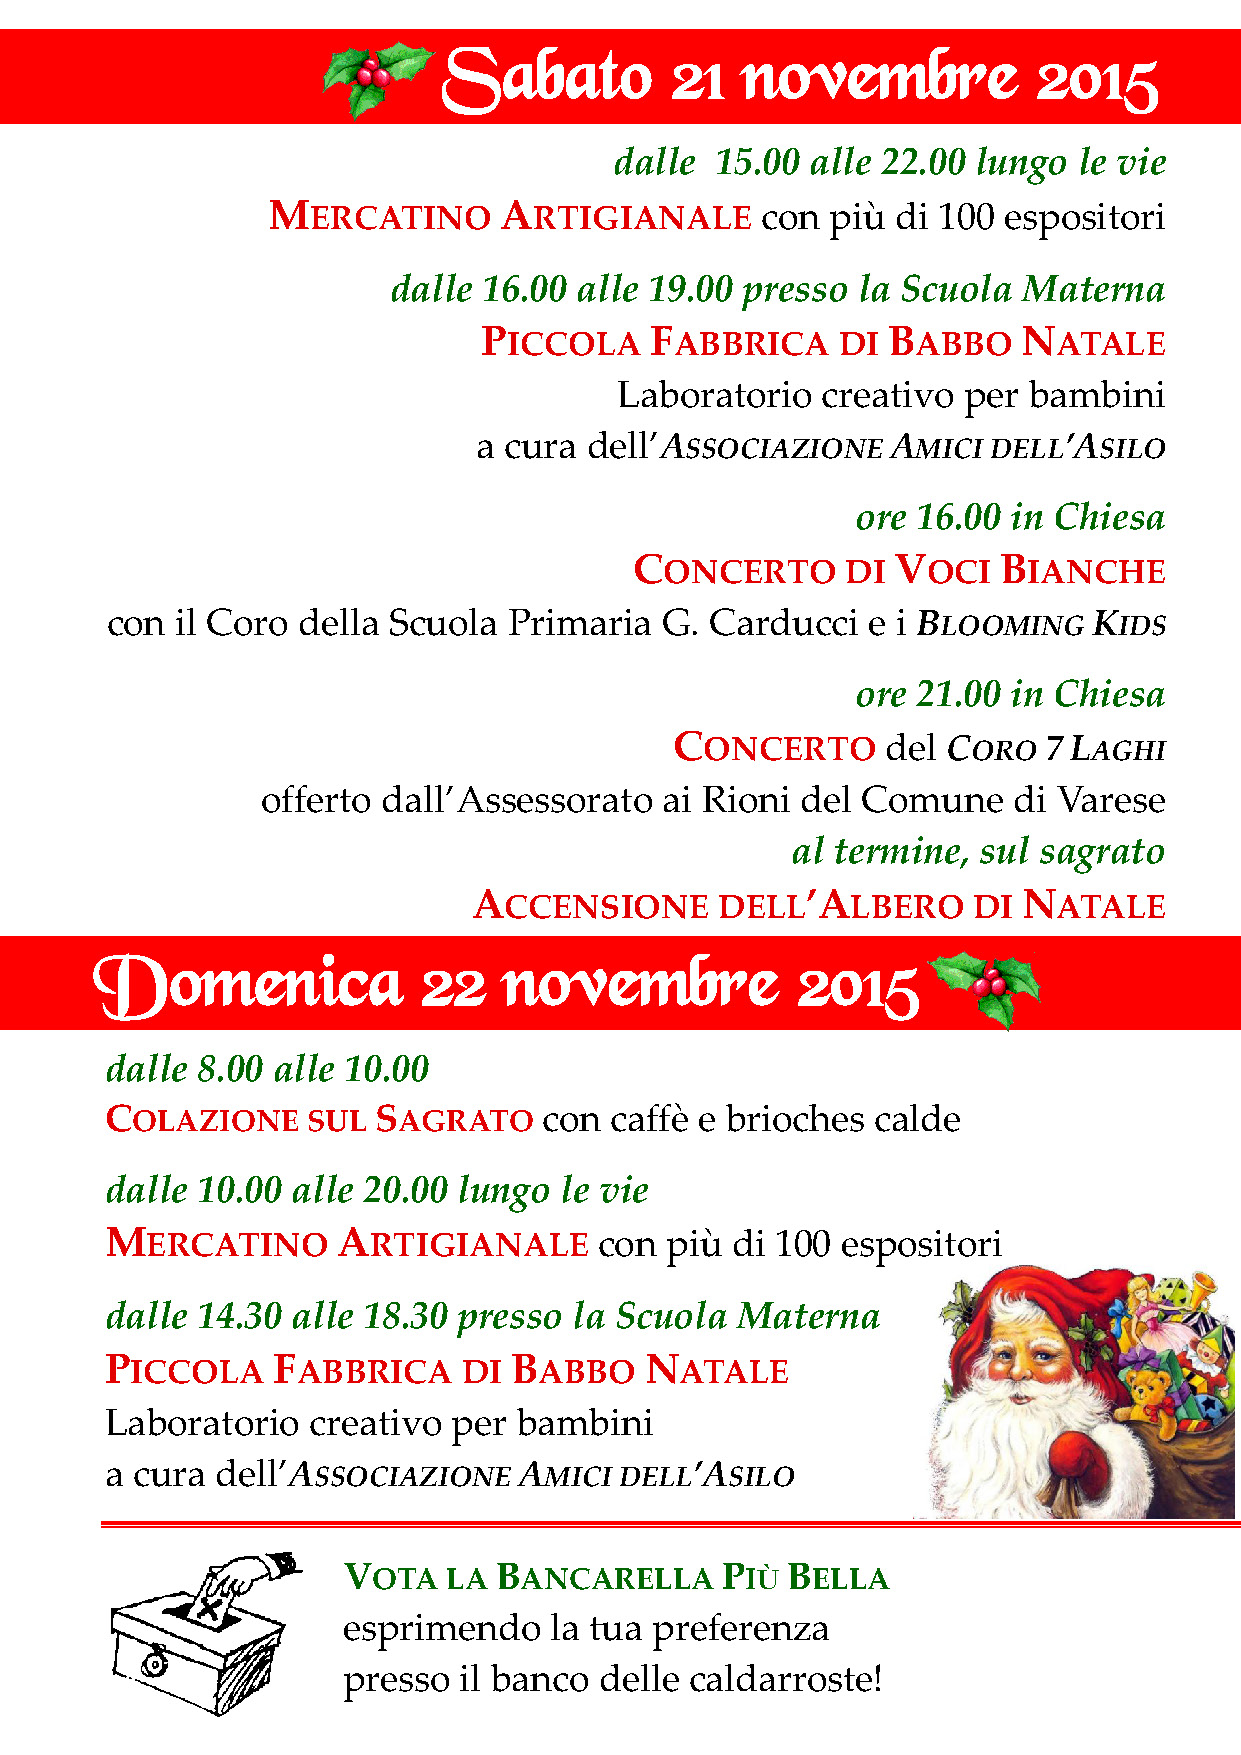 Programma_Mercatino_2015_Casbeno_Pagina_3